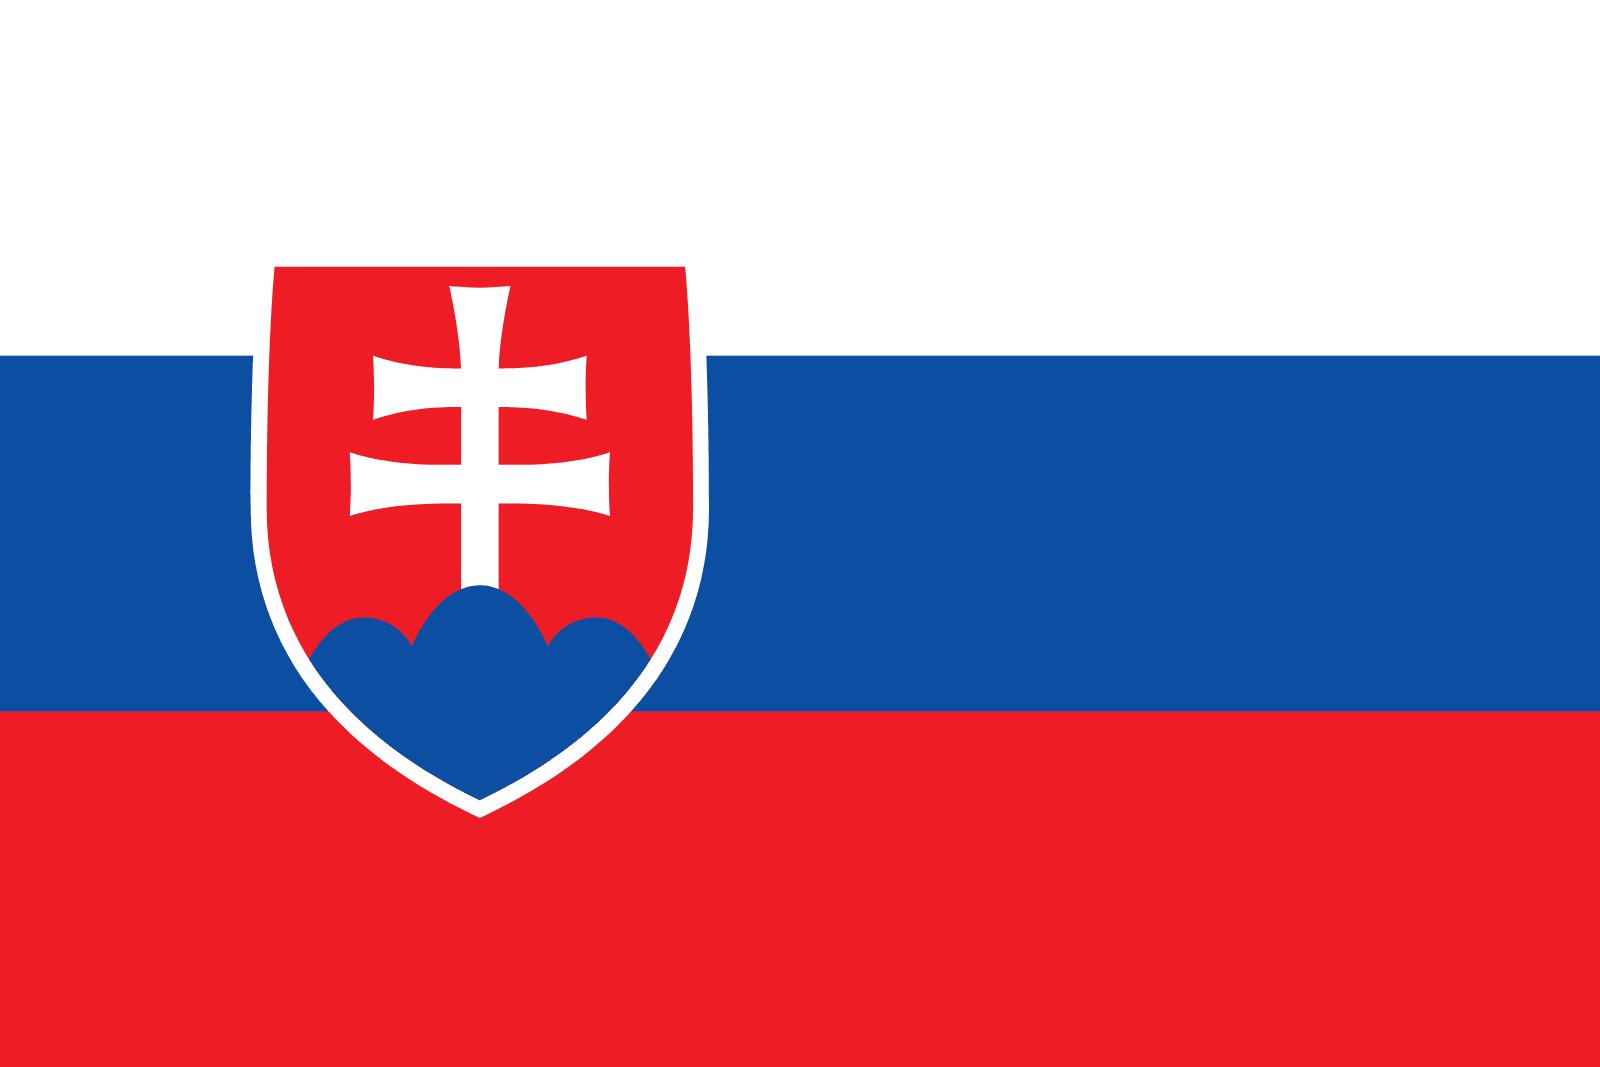 Slovakya'nın Başkenti ve Para Birimi Nedir? Slovakya'nın Bayrağı Nasıldır?